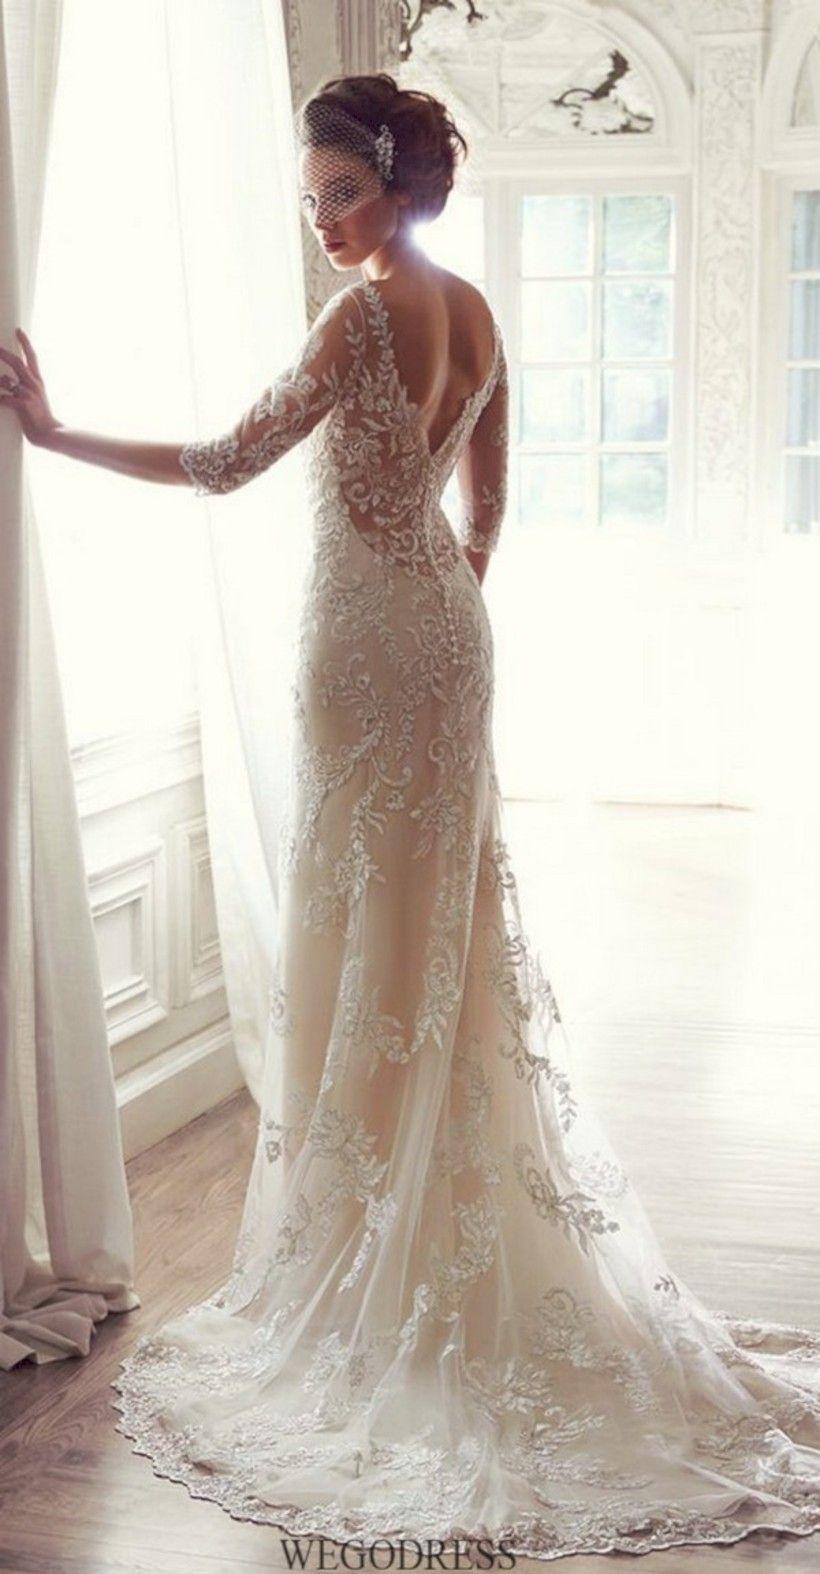 Vintage cowl neck wedding dress   Vintage Winter Wedding Dress Ideas   Vintage winter weddings